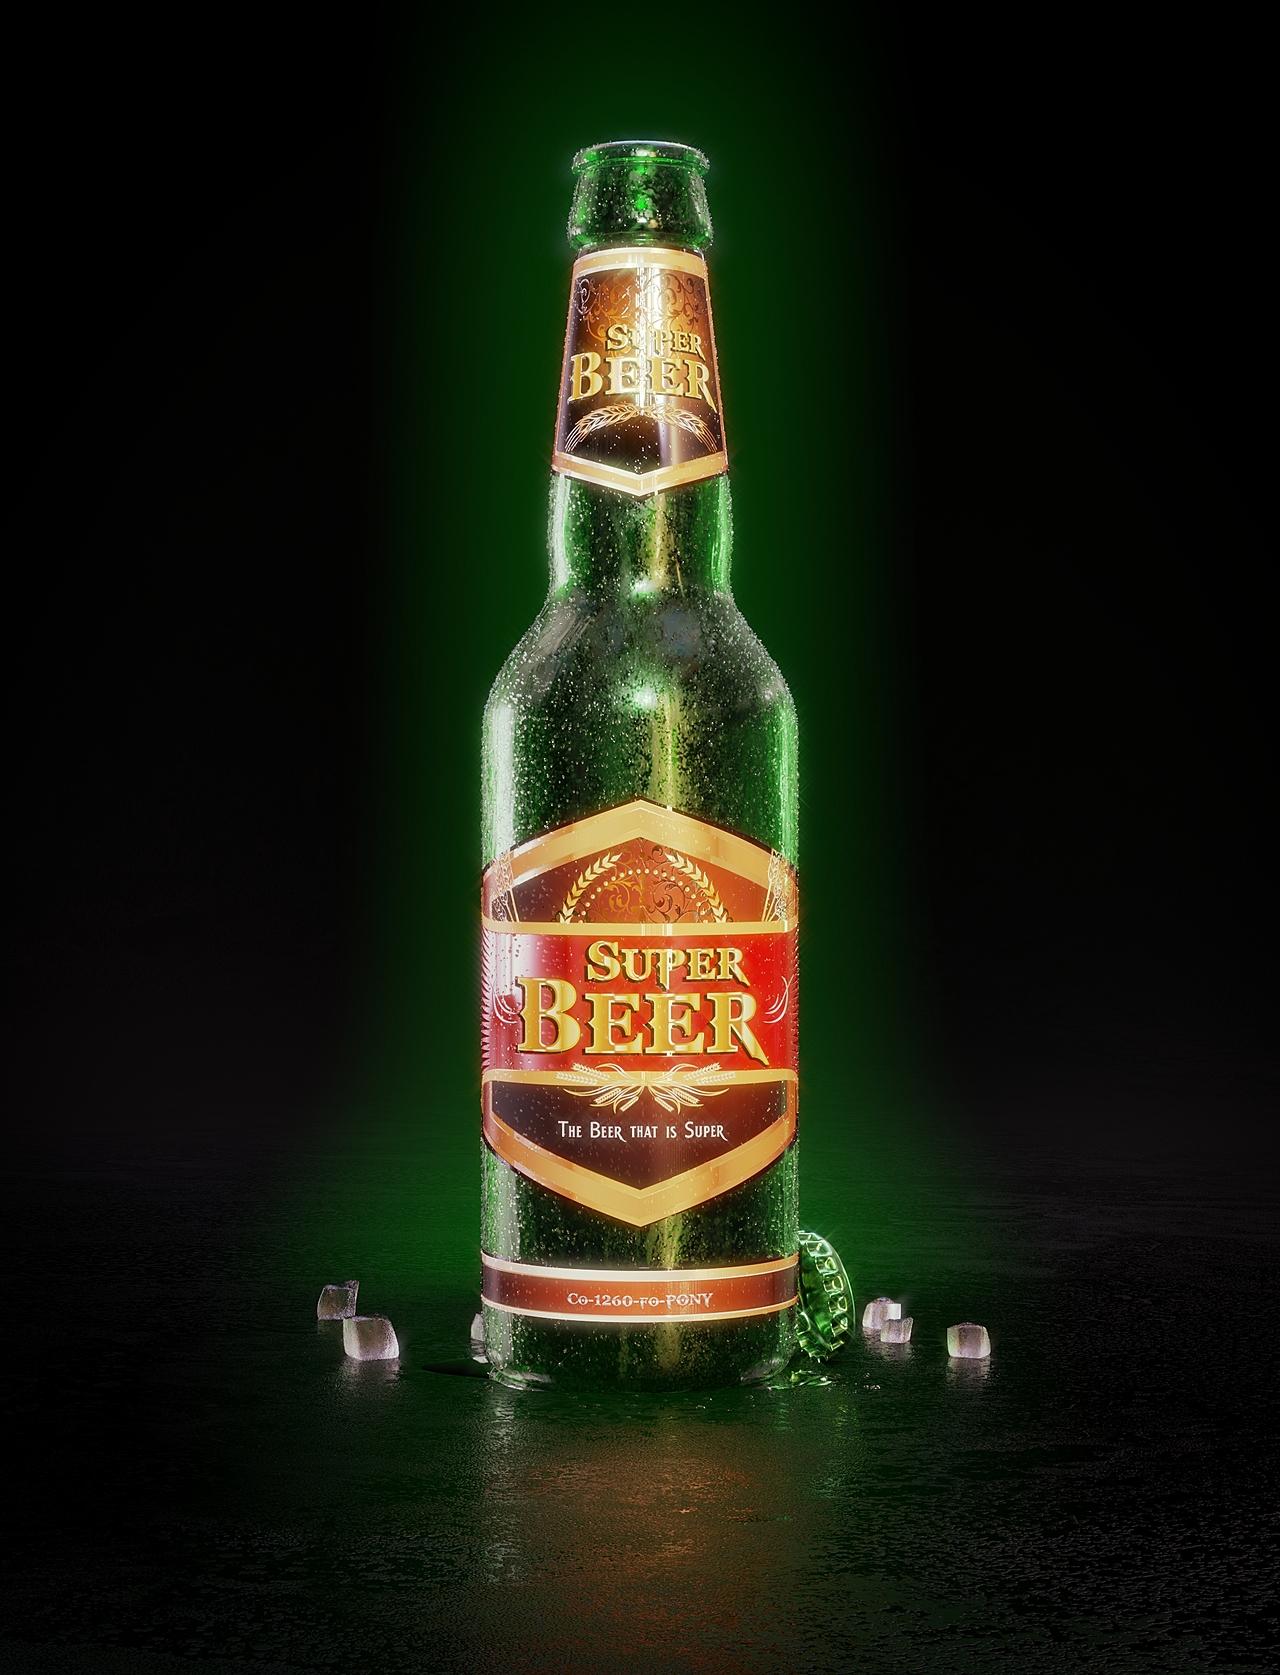 Super Beer